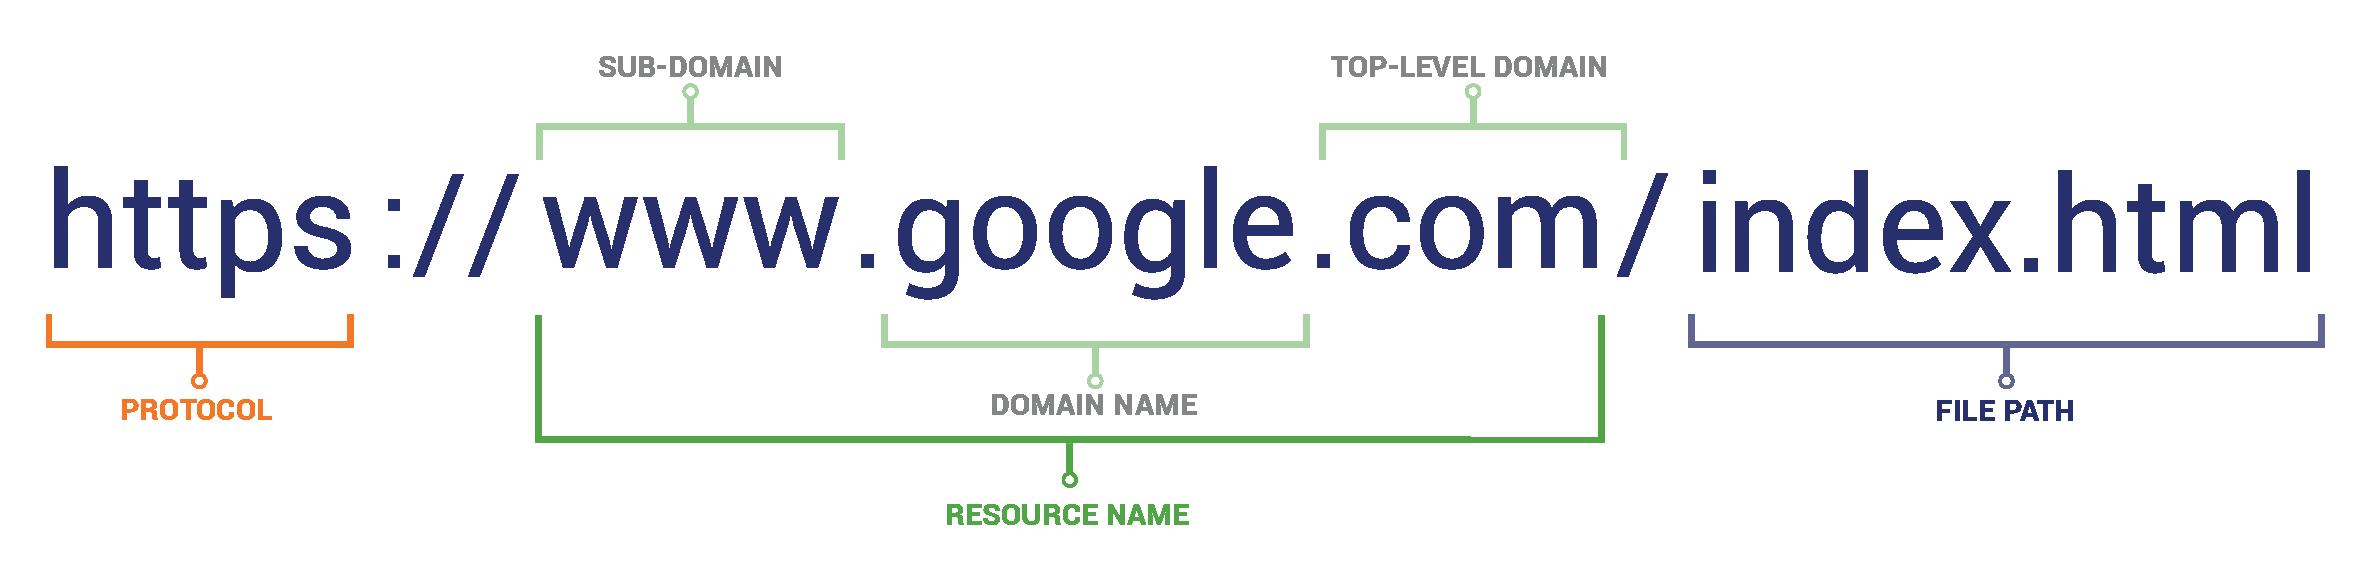 URL scheme, how to spot a fake website